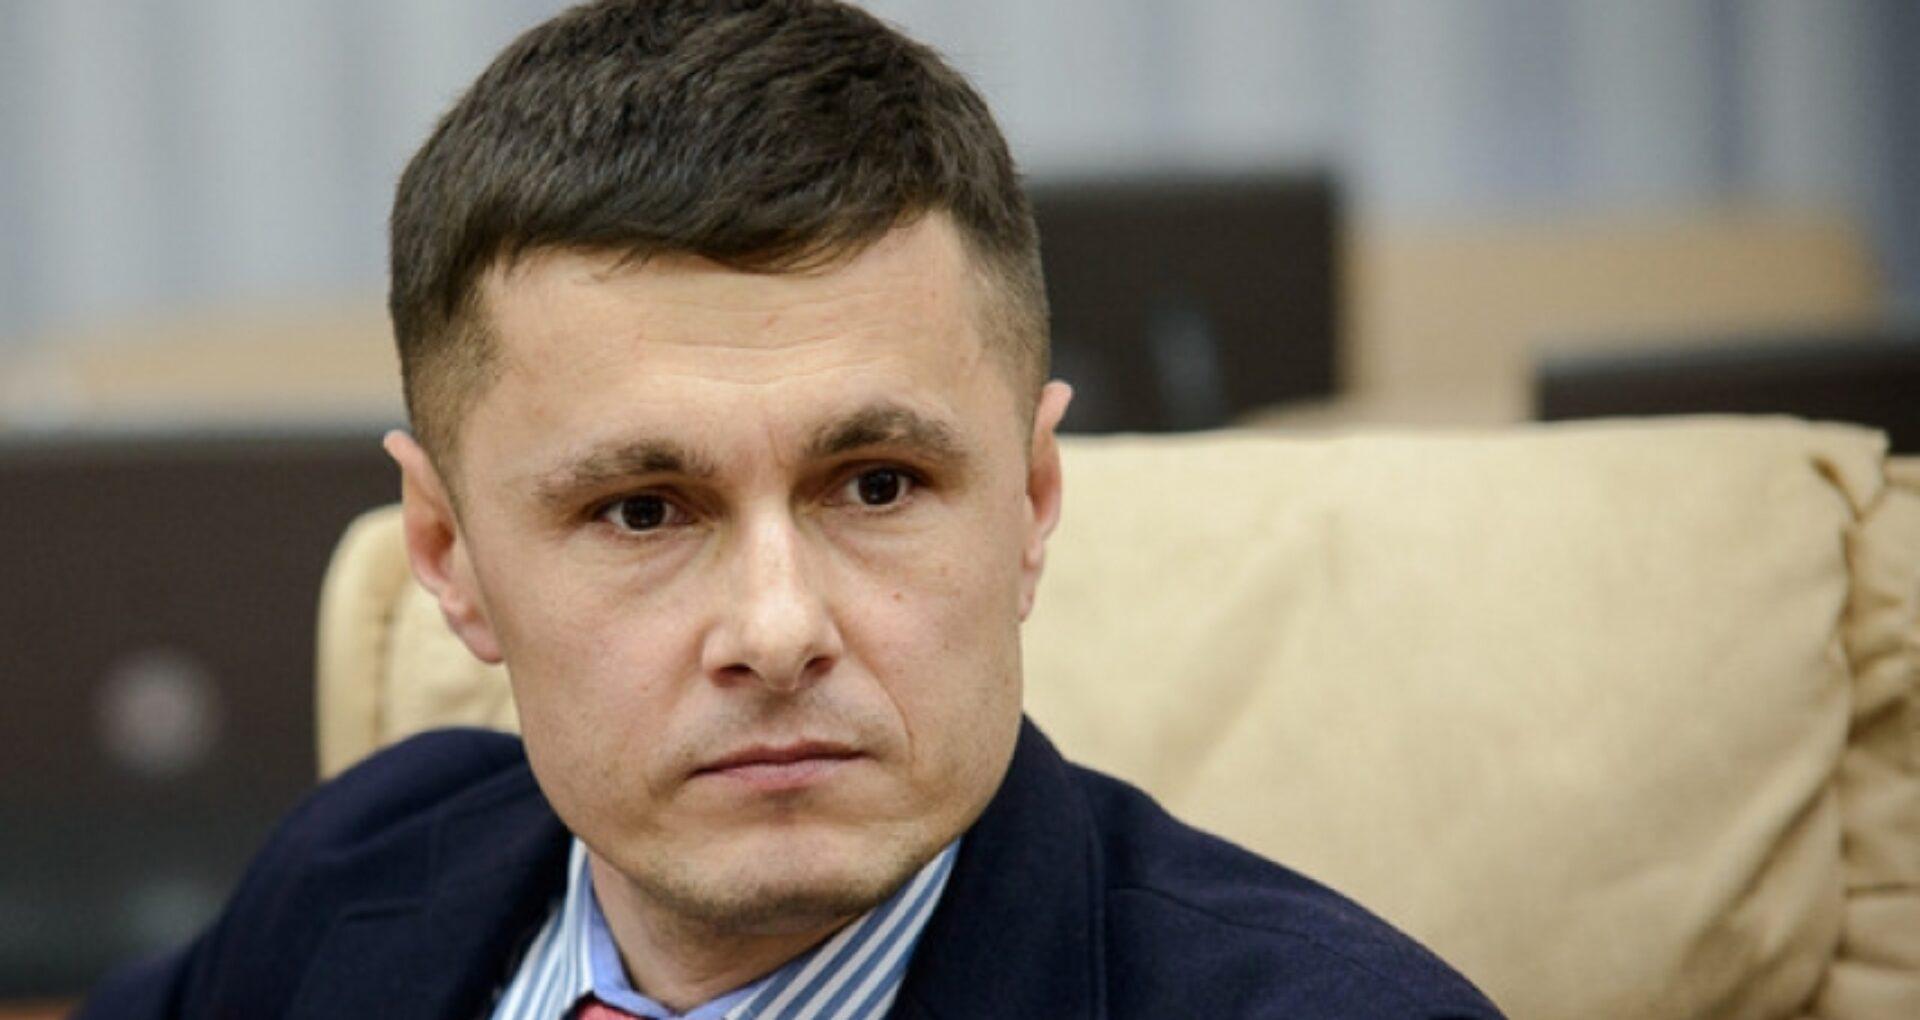 Ministrul Justiției: Voi solicita astăzi Guvernului reaprobarea proiectului de modificare a Constituției. Este esențial